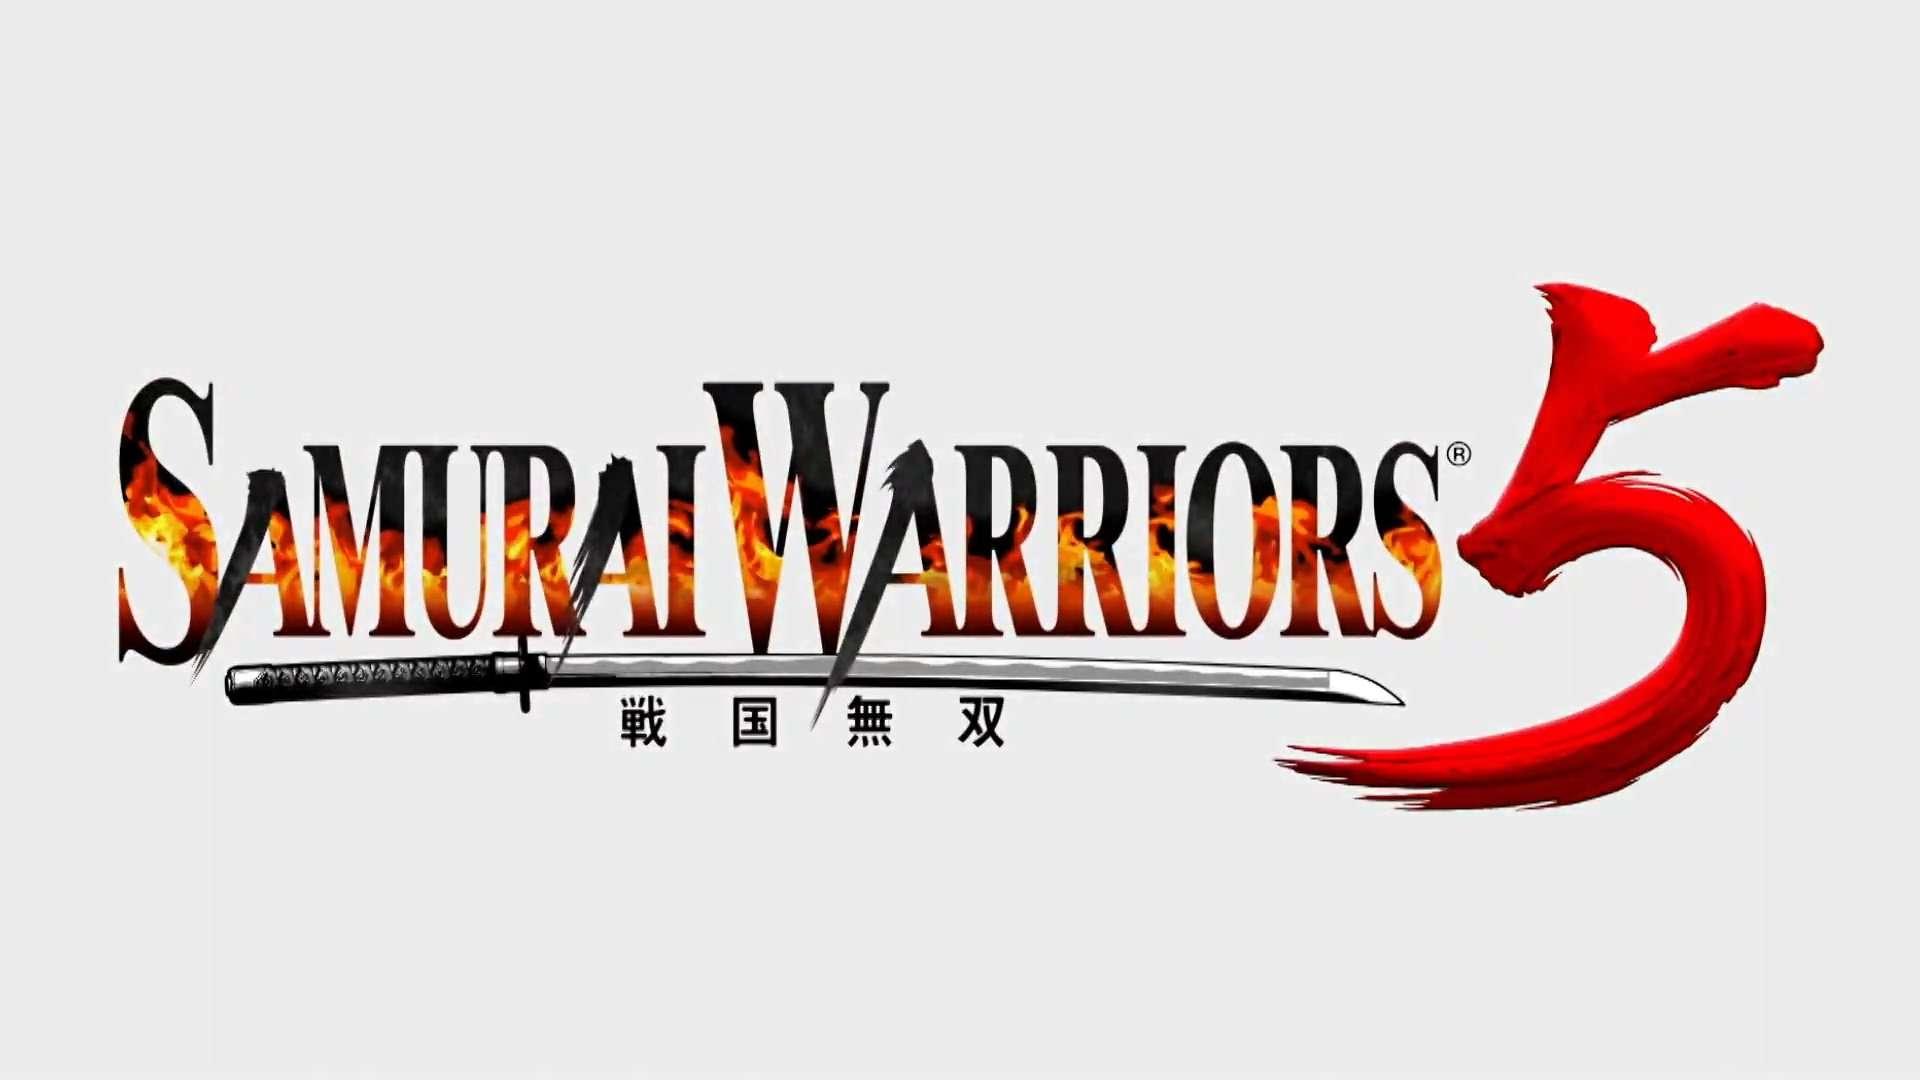 Samurai Warriors 5nbsp